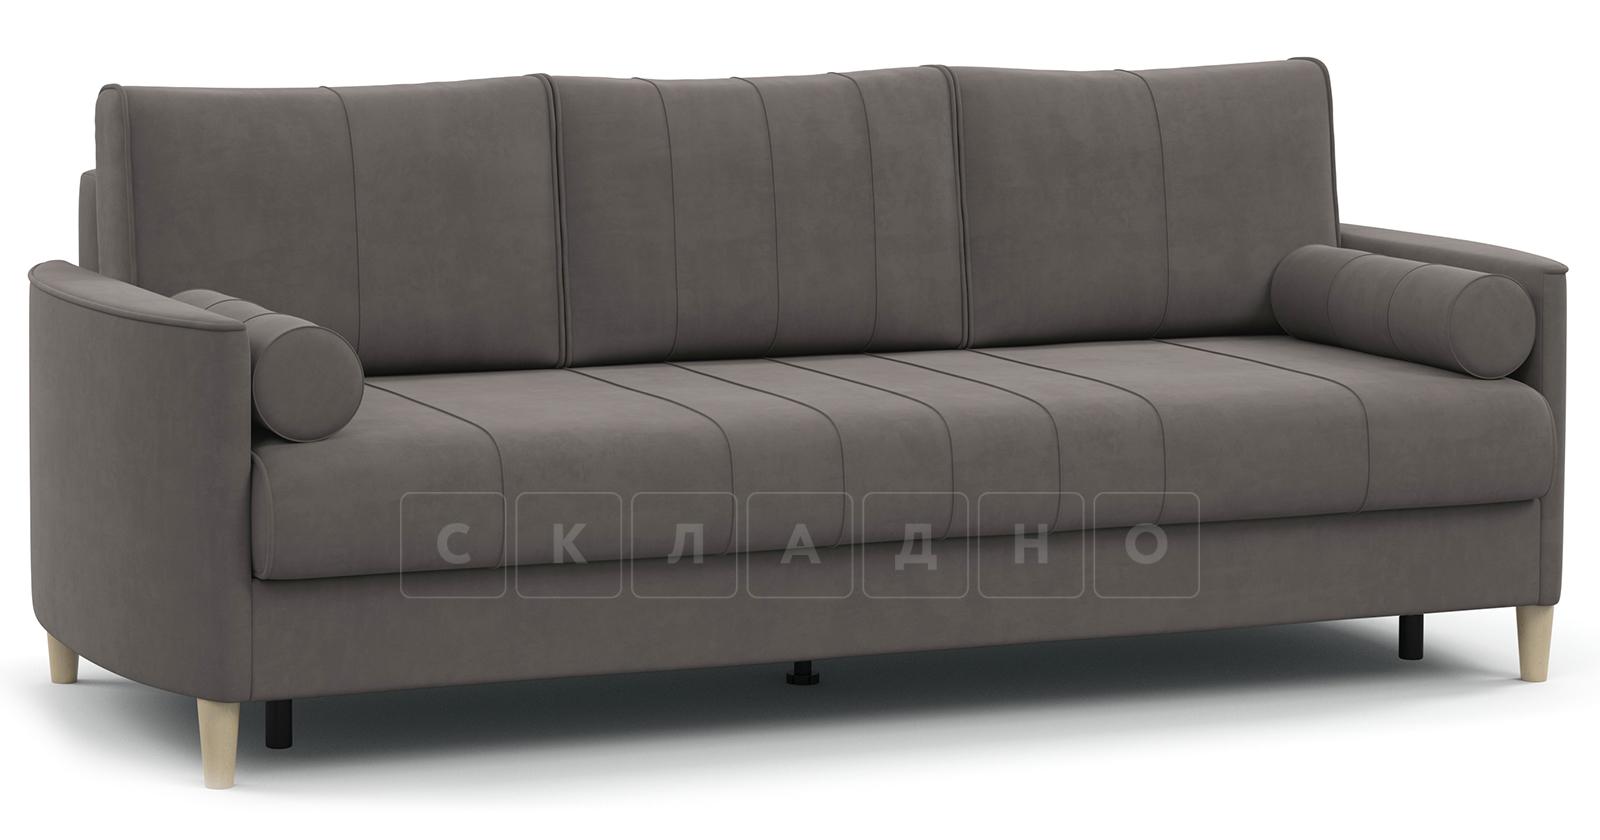 Диван-кровать Лорен серо-коричневый фото 1 | интернет-магазин Складно